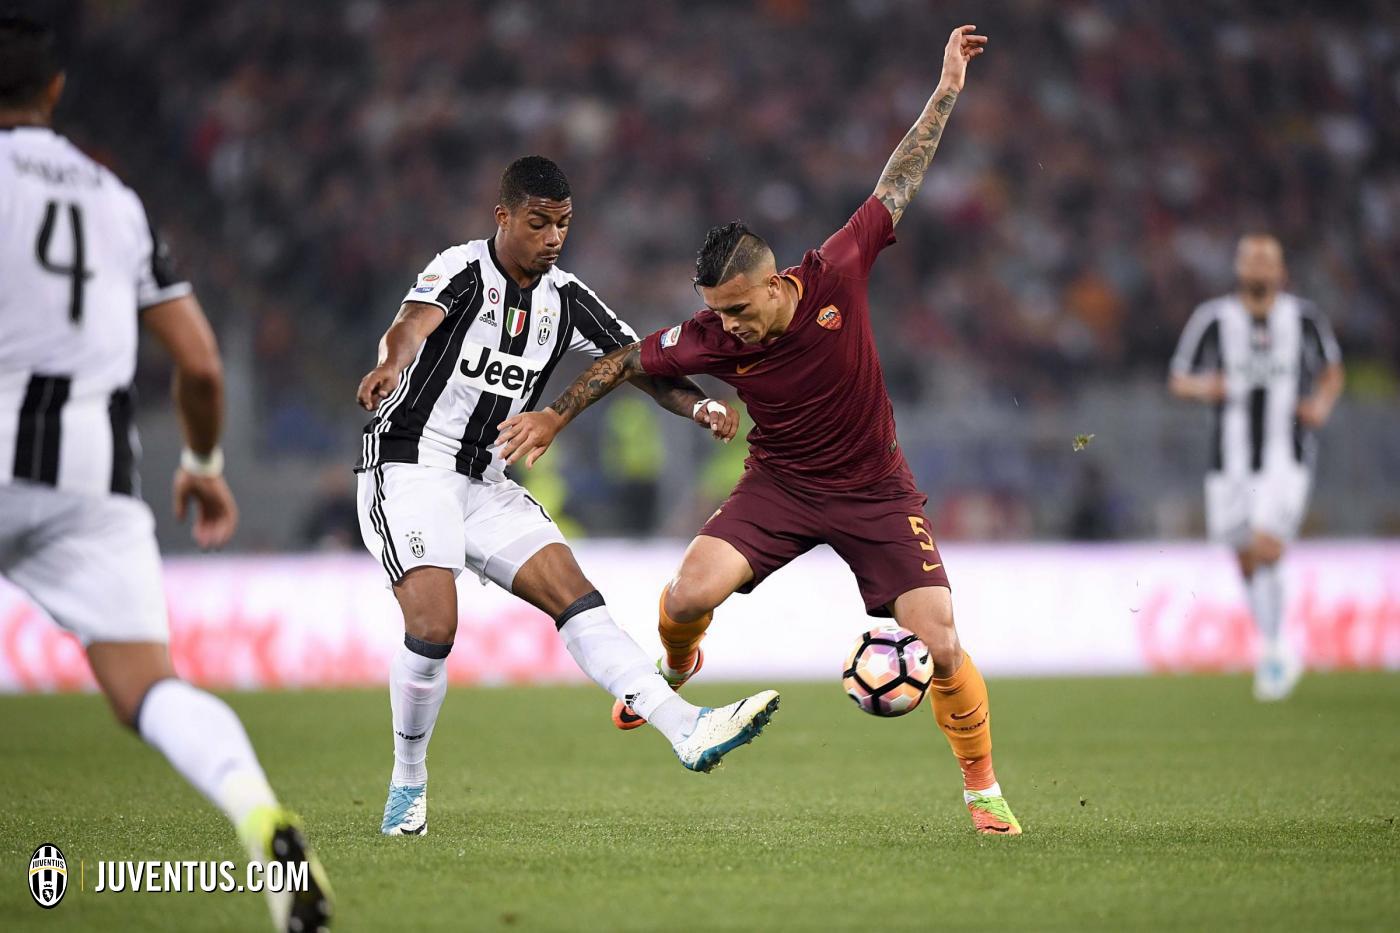 نتيجة مباراة روما ويوفنتوس بتاريخ 12-01-2020 الدوري الايطالي